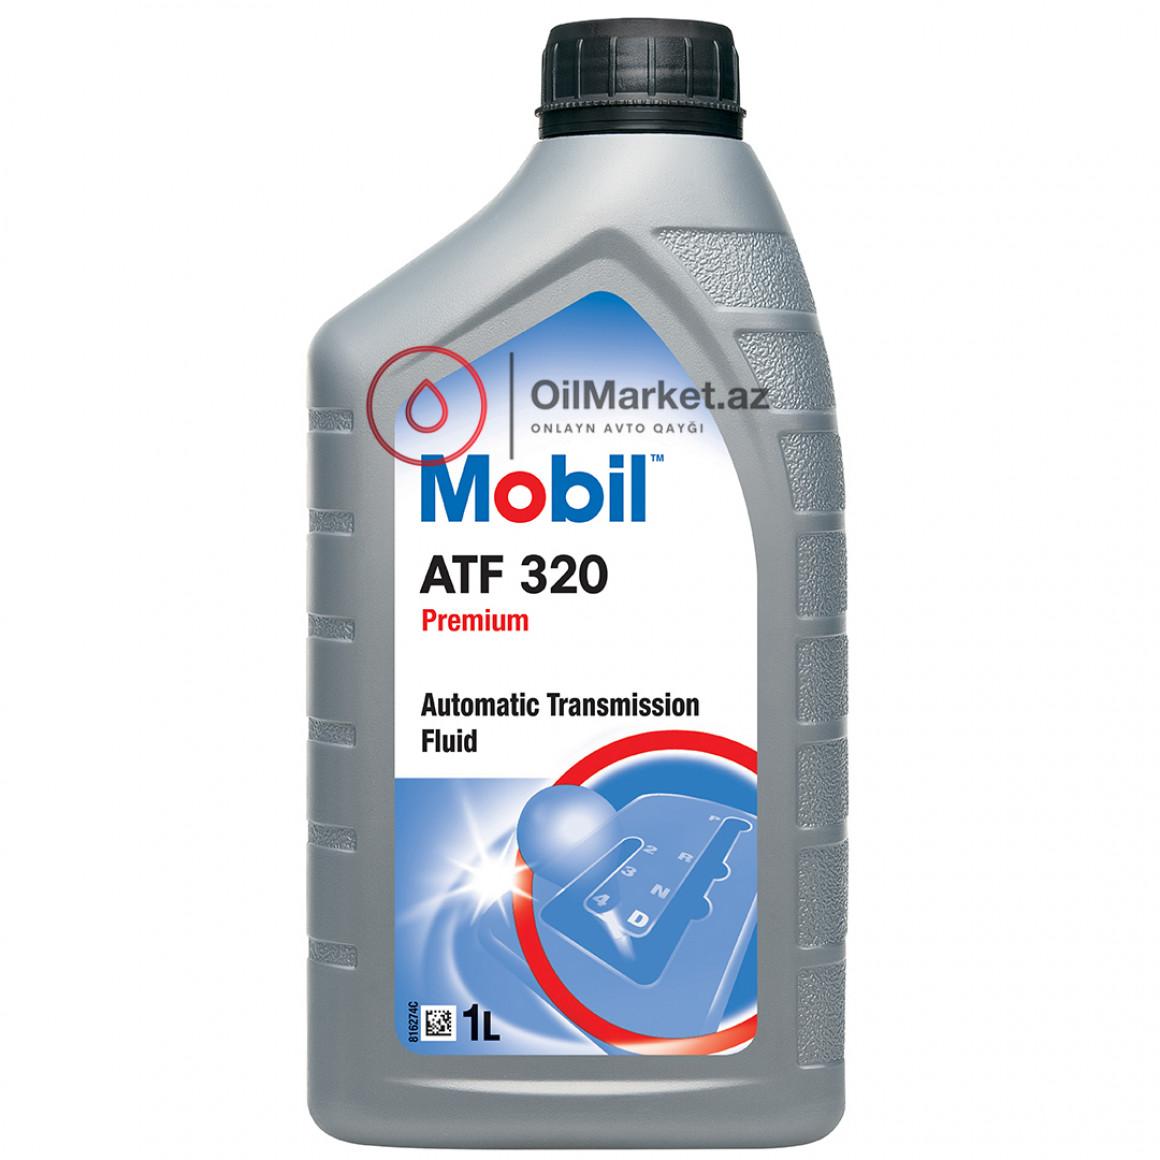 Mobil ATF 320